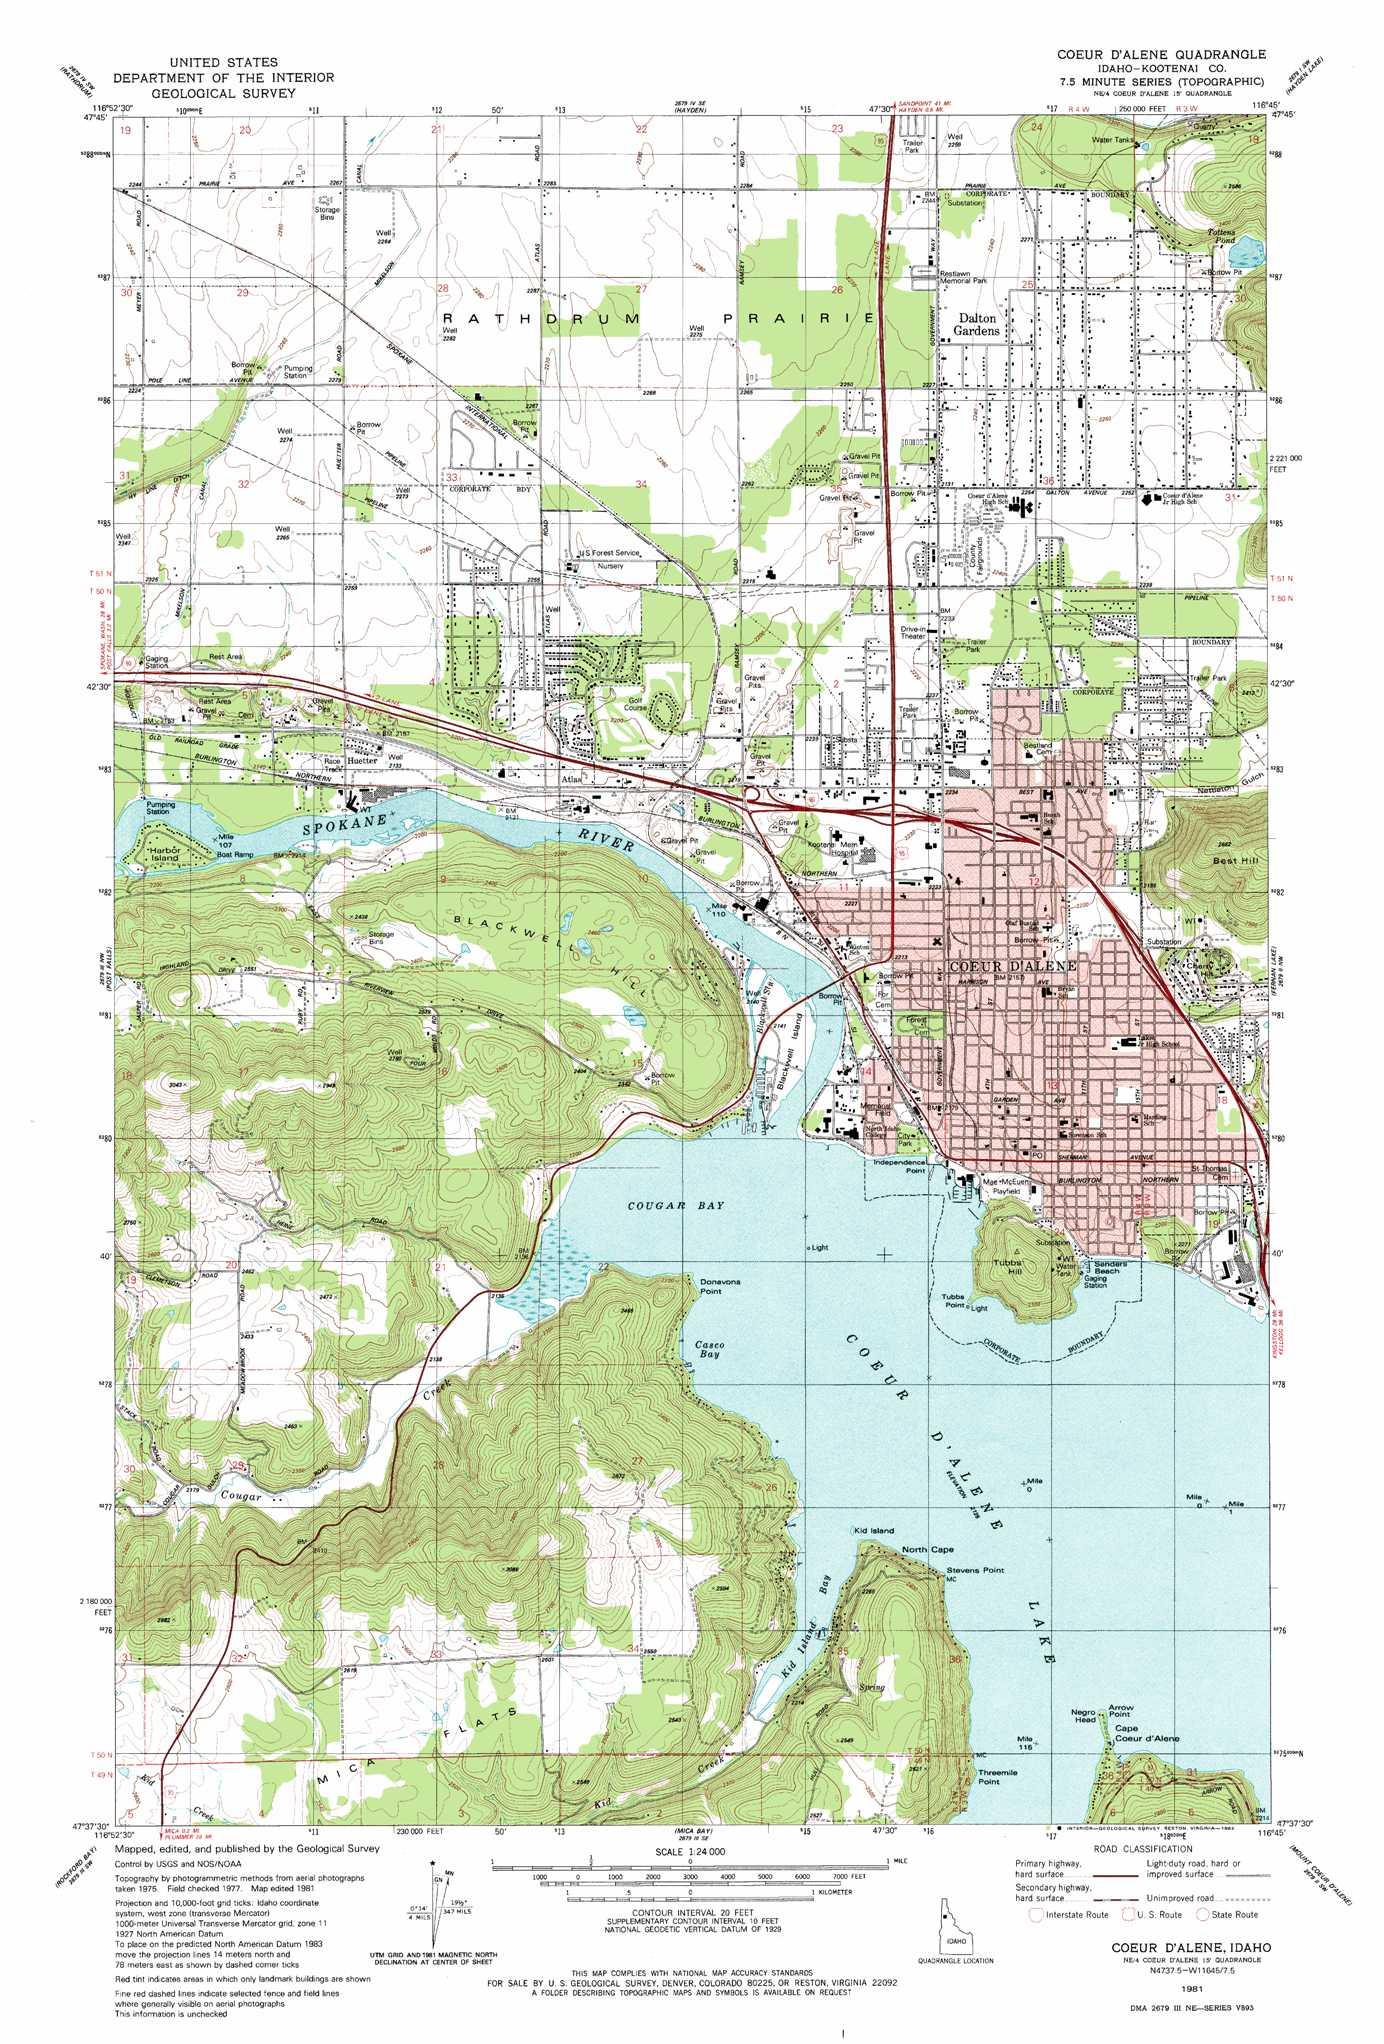 Coeur D\'Alene topographic map, ID - USGS Topo Quad 47116f7